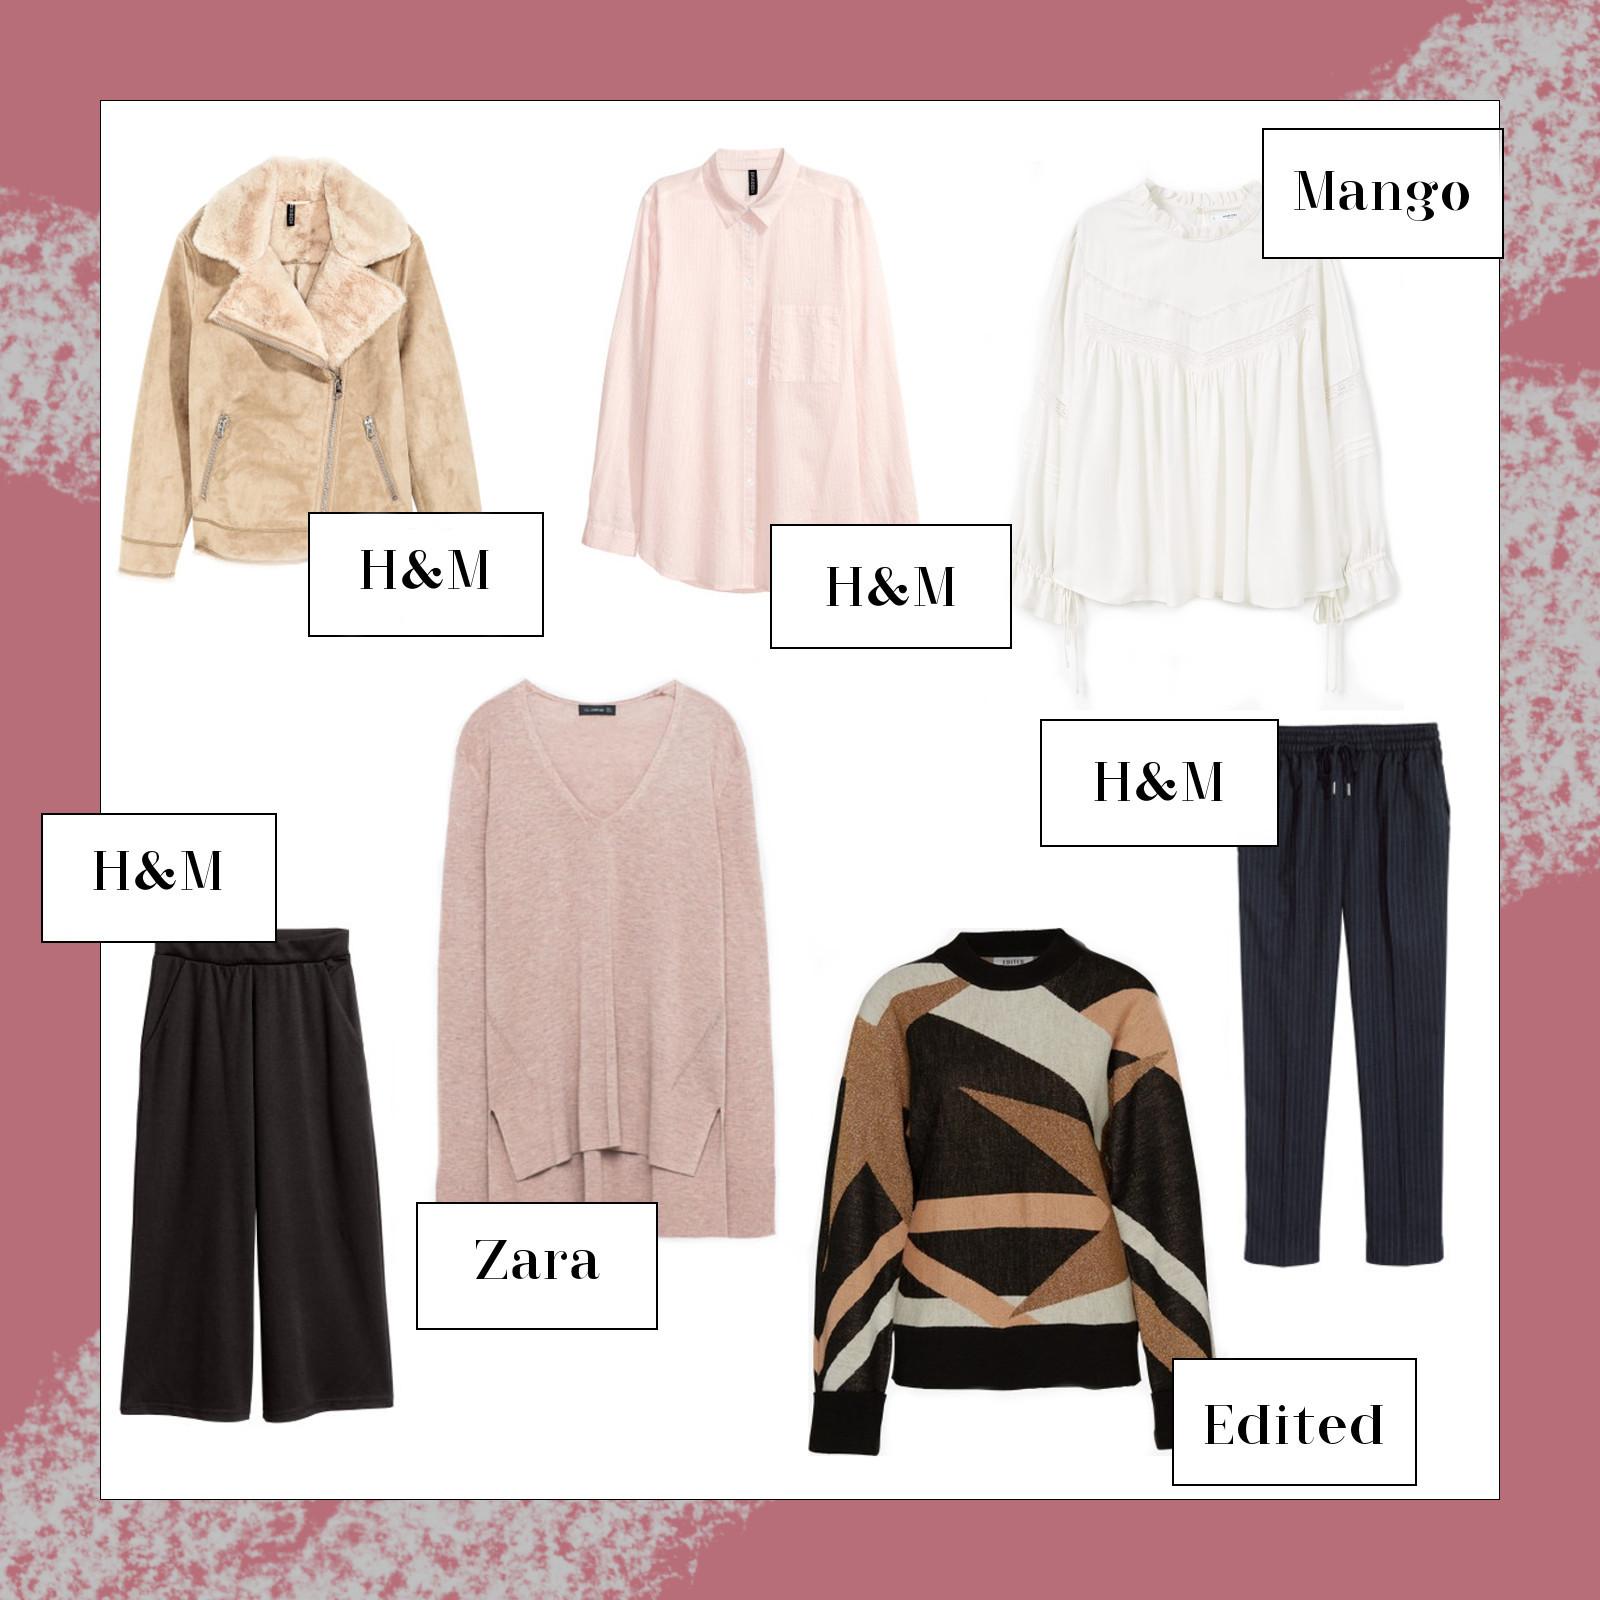 Mode Neuheiten, September Favoriten 2016, Monatsrückblick, H&M, Edited, Mango, Zara, bezauberndenana.de